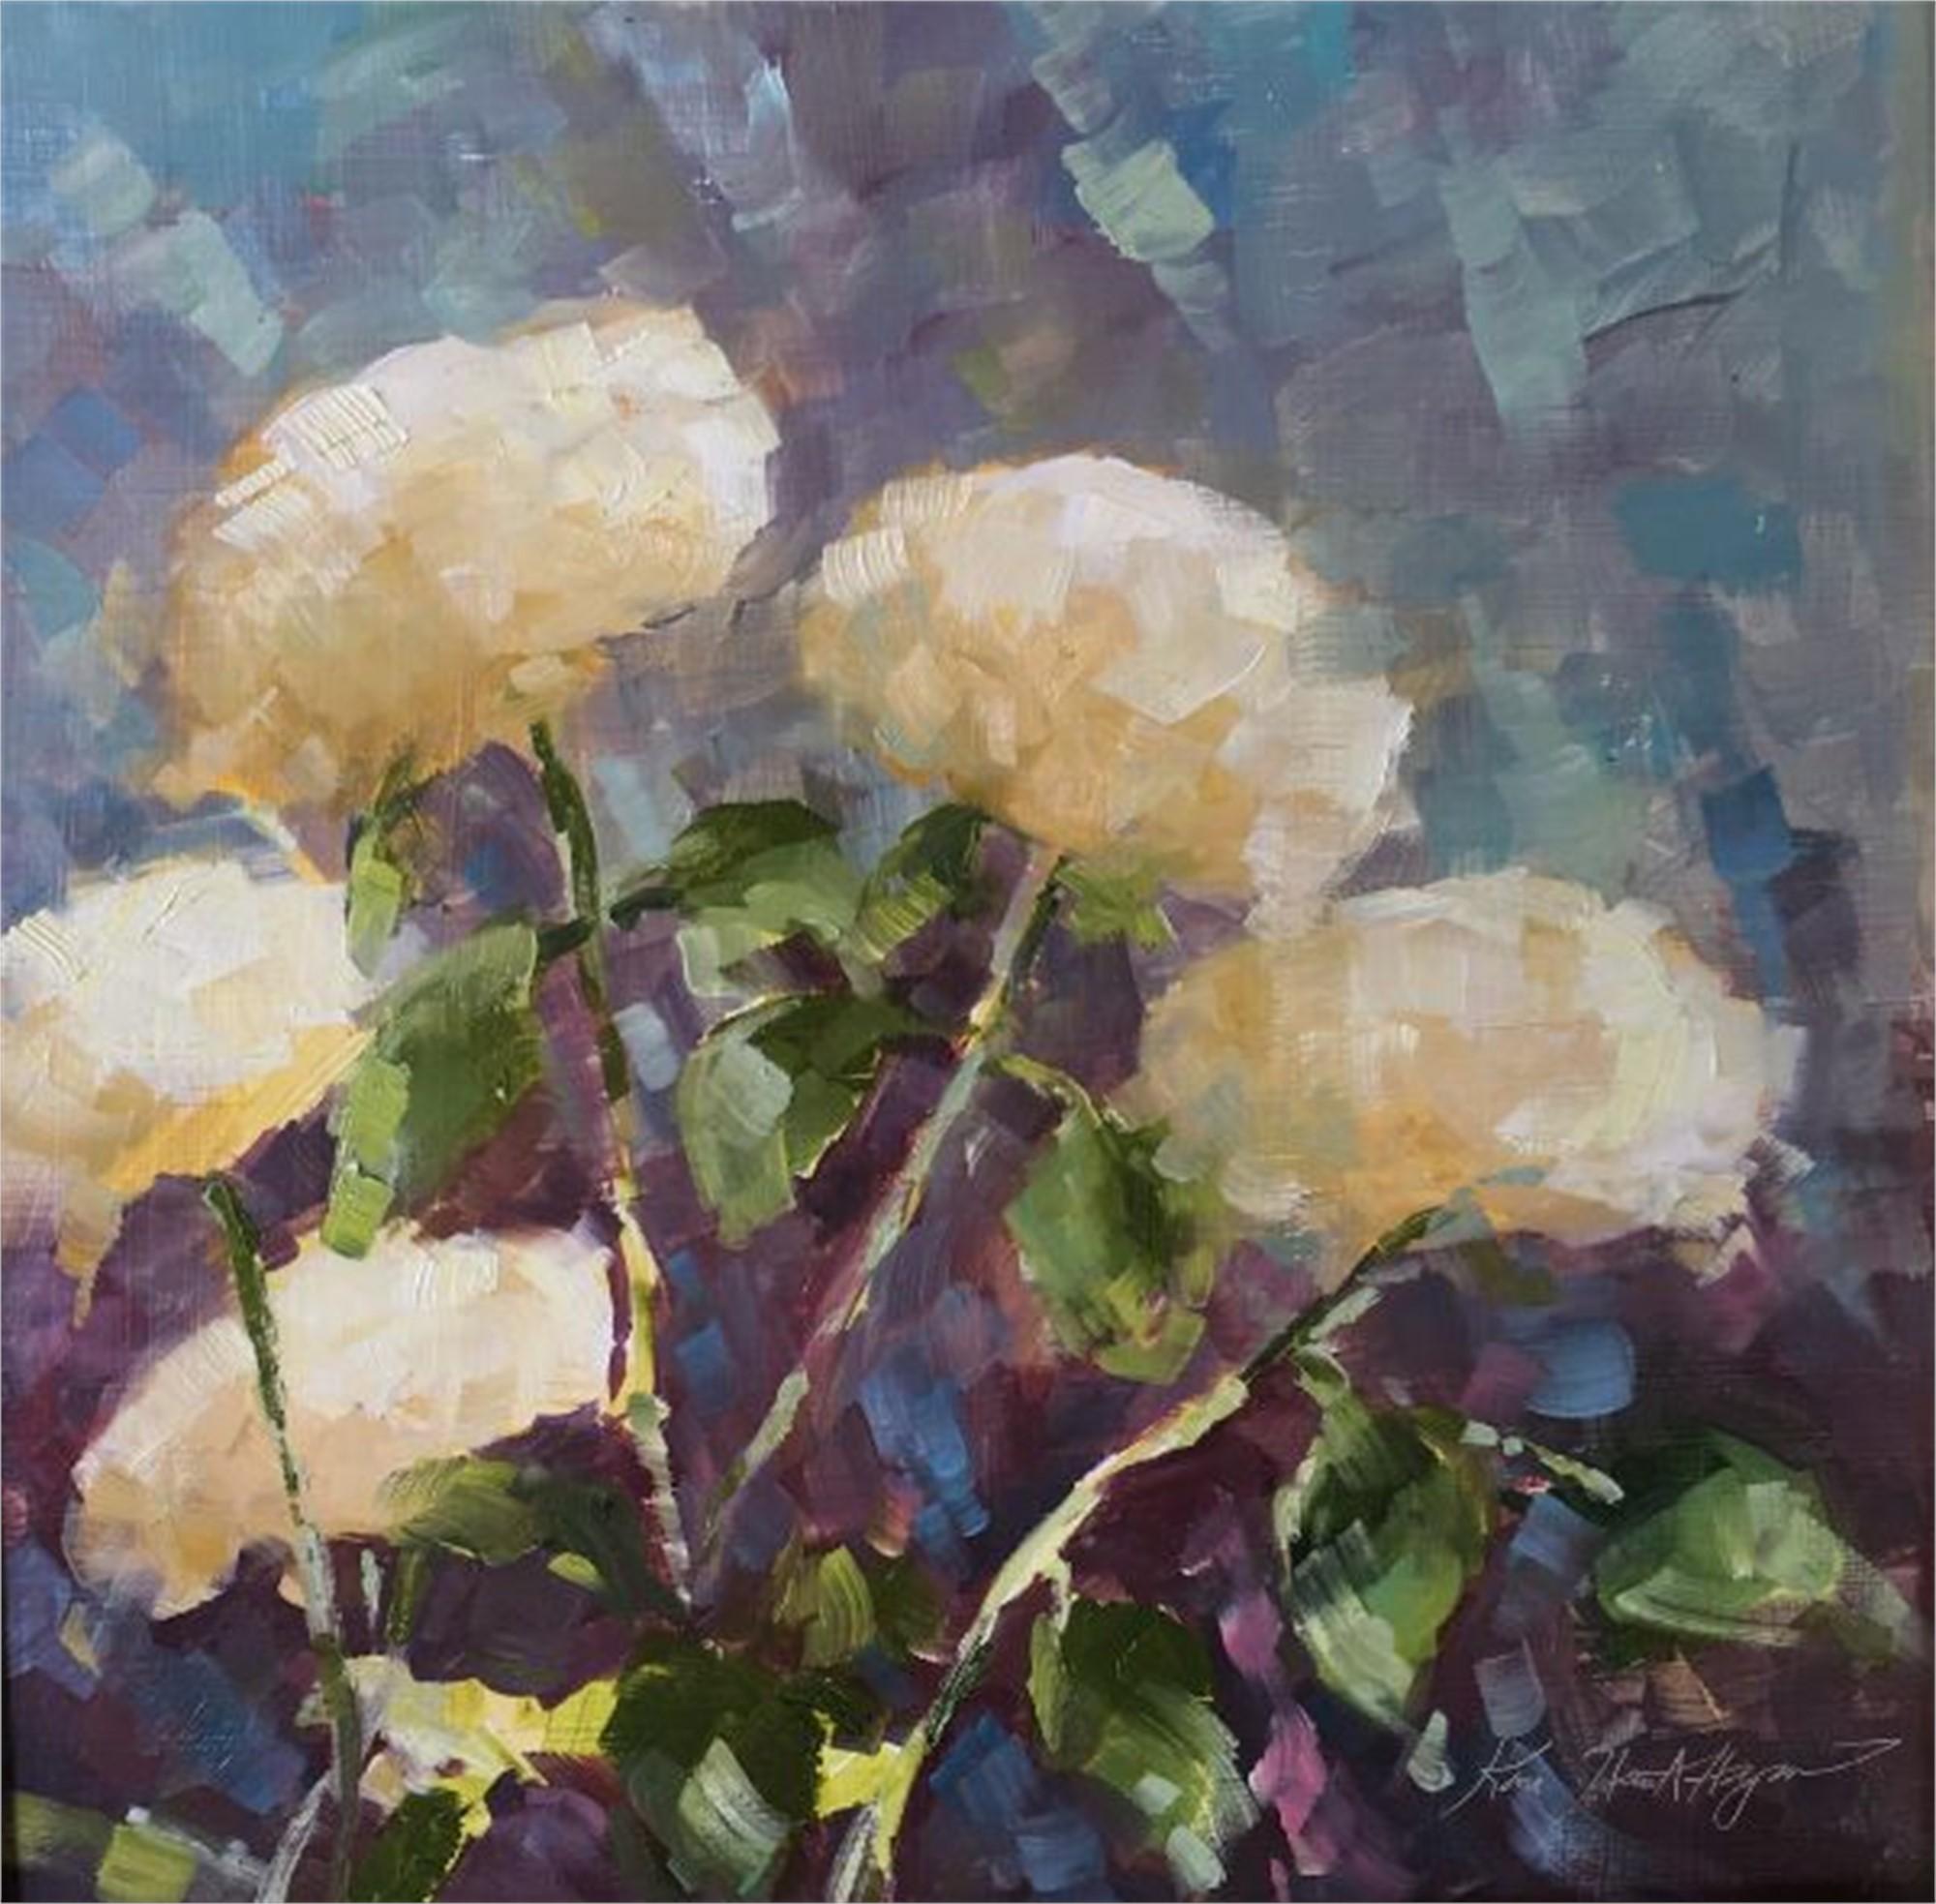 Five White Hydrangeas, Cashiers, NC by Karen Hewitt Hagan